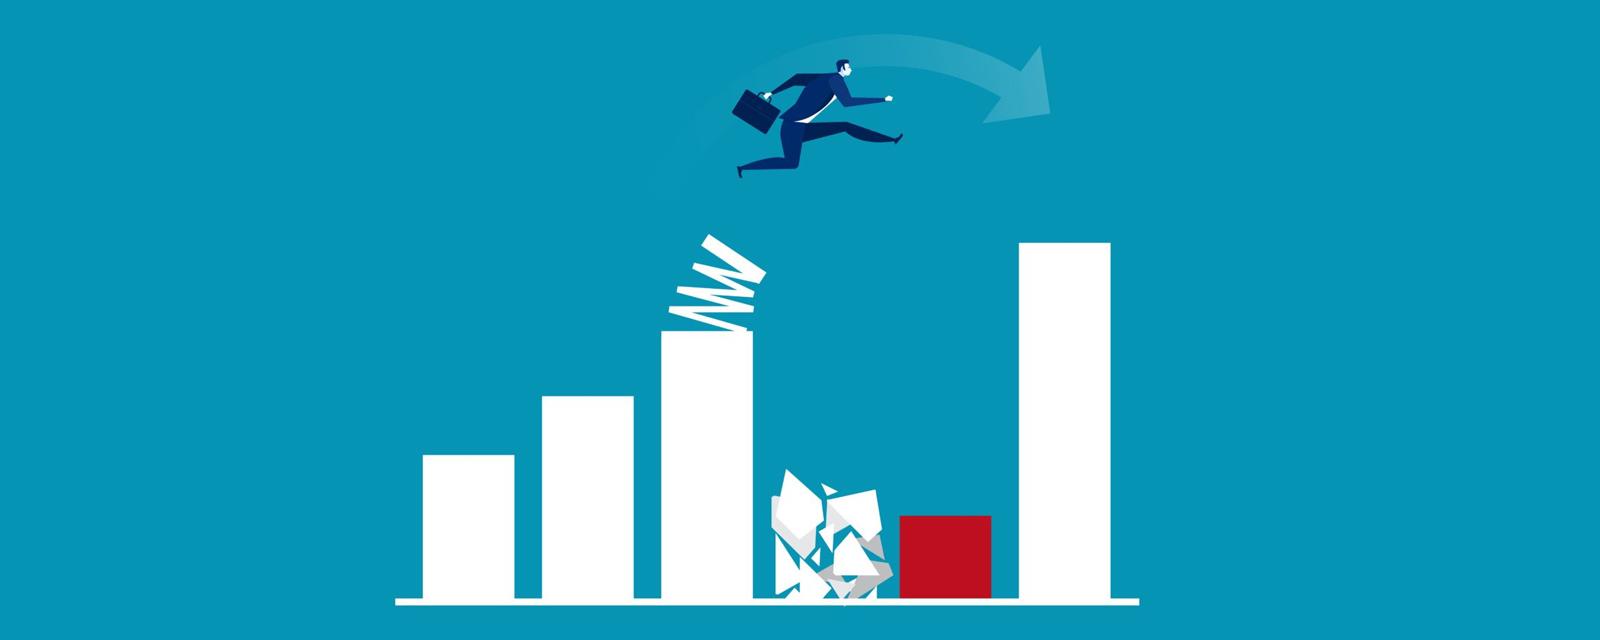 Reconquérir et développer son chiffre d'affaires grâce au potentiel de résilience d'internet